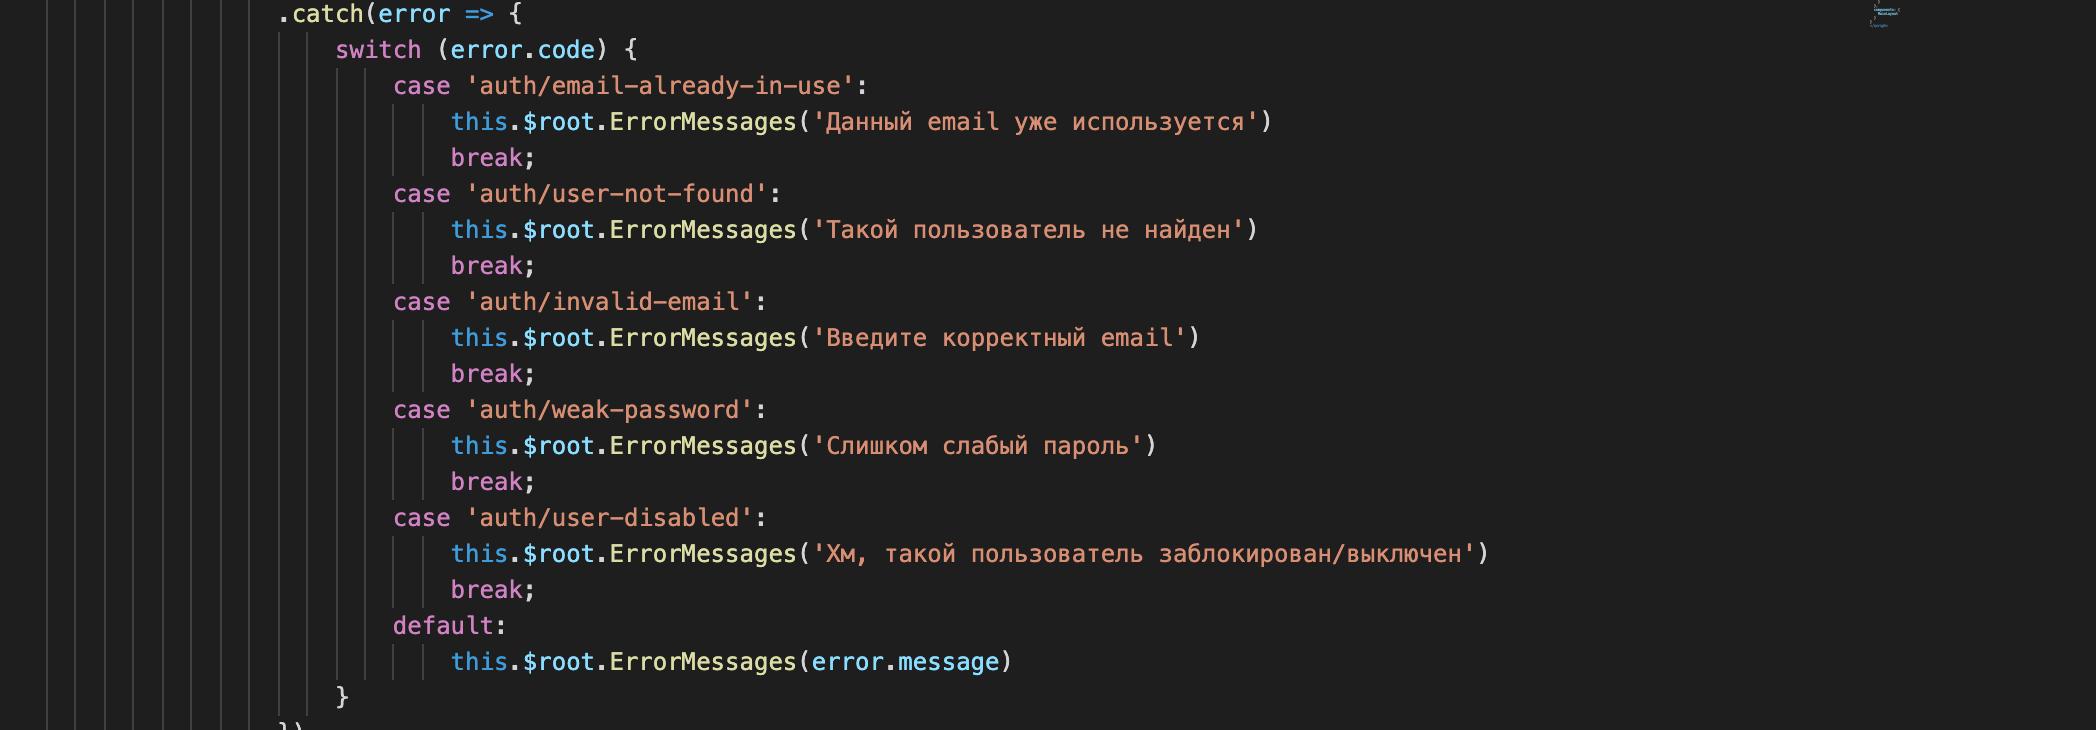 пример обработки ошибок firebase